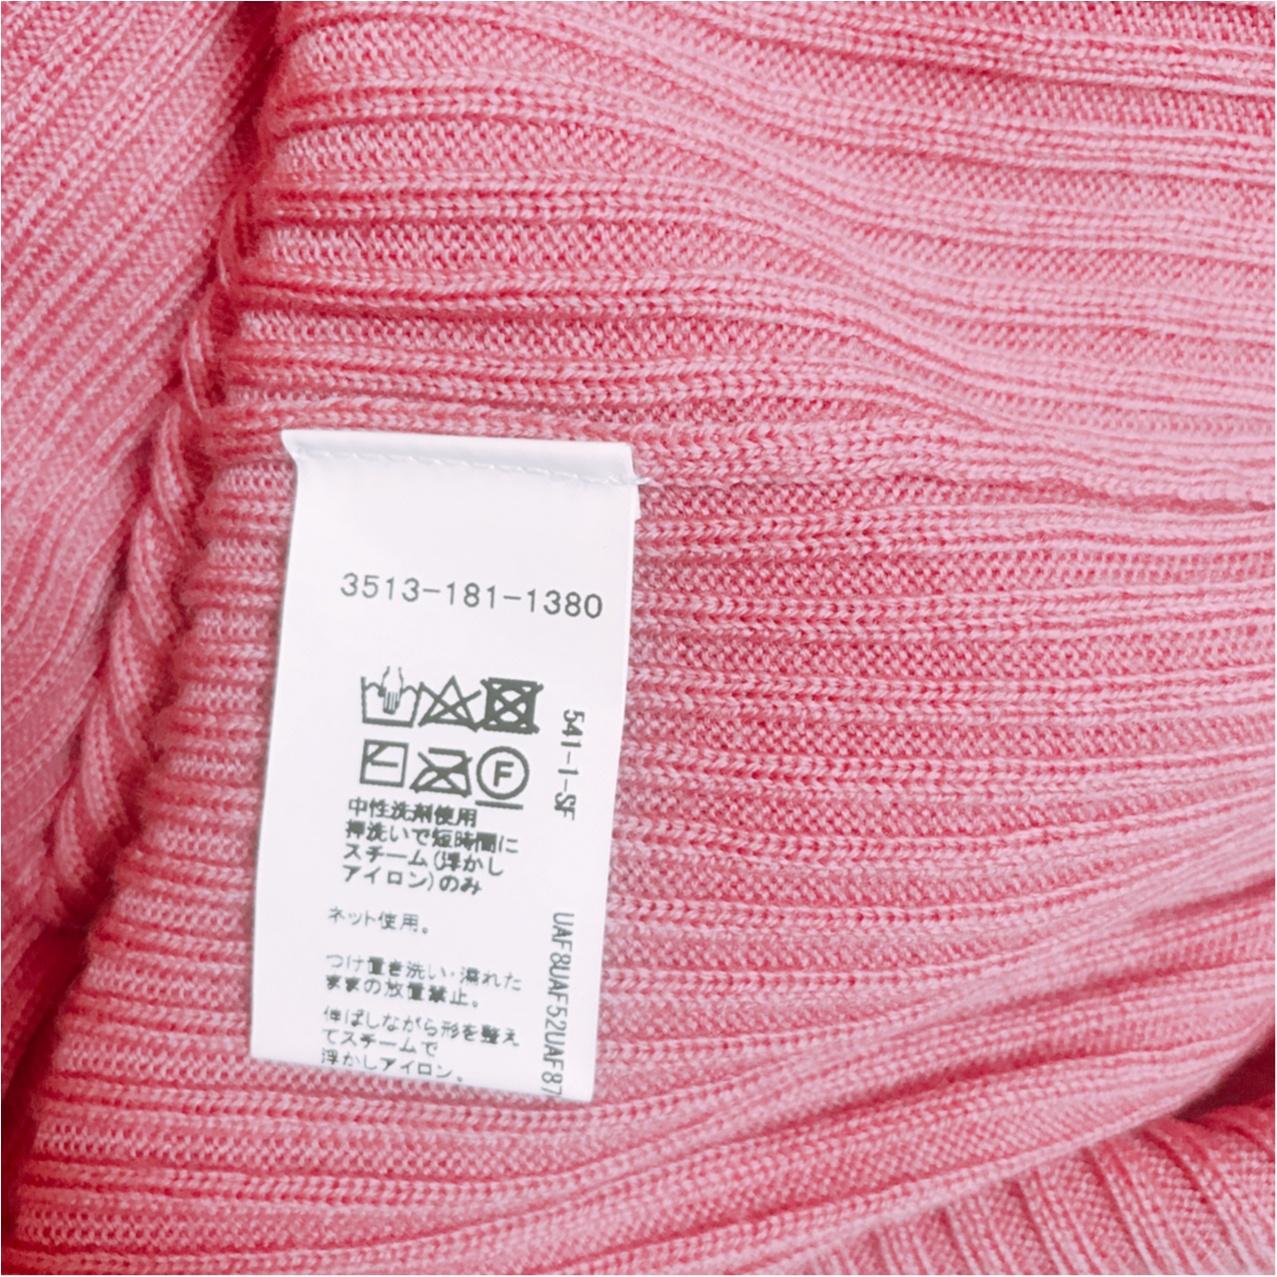 手洗い出来てカラバリ豊富♡ 1万円以下の上質ニットは《green label relaxing》で!_2